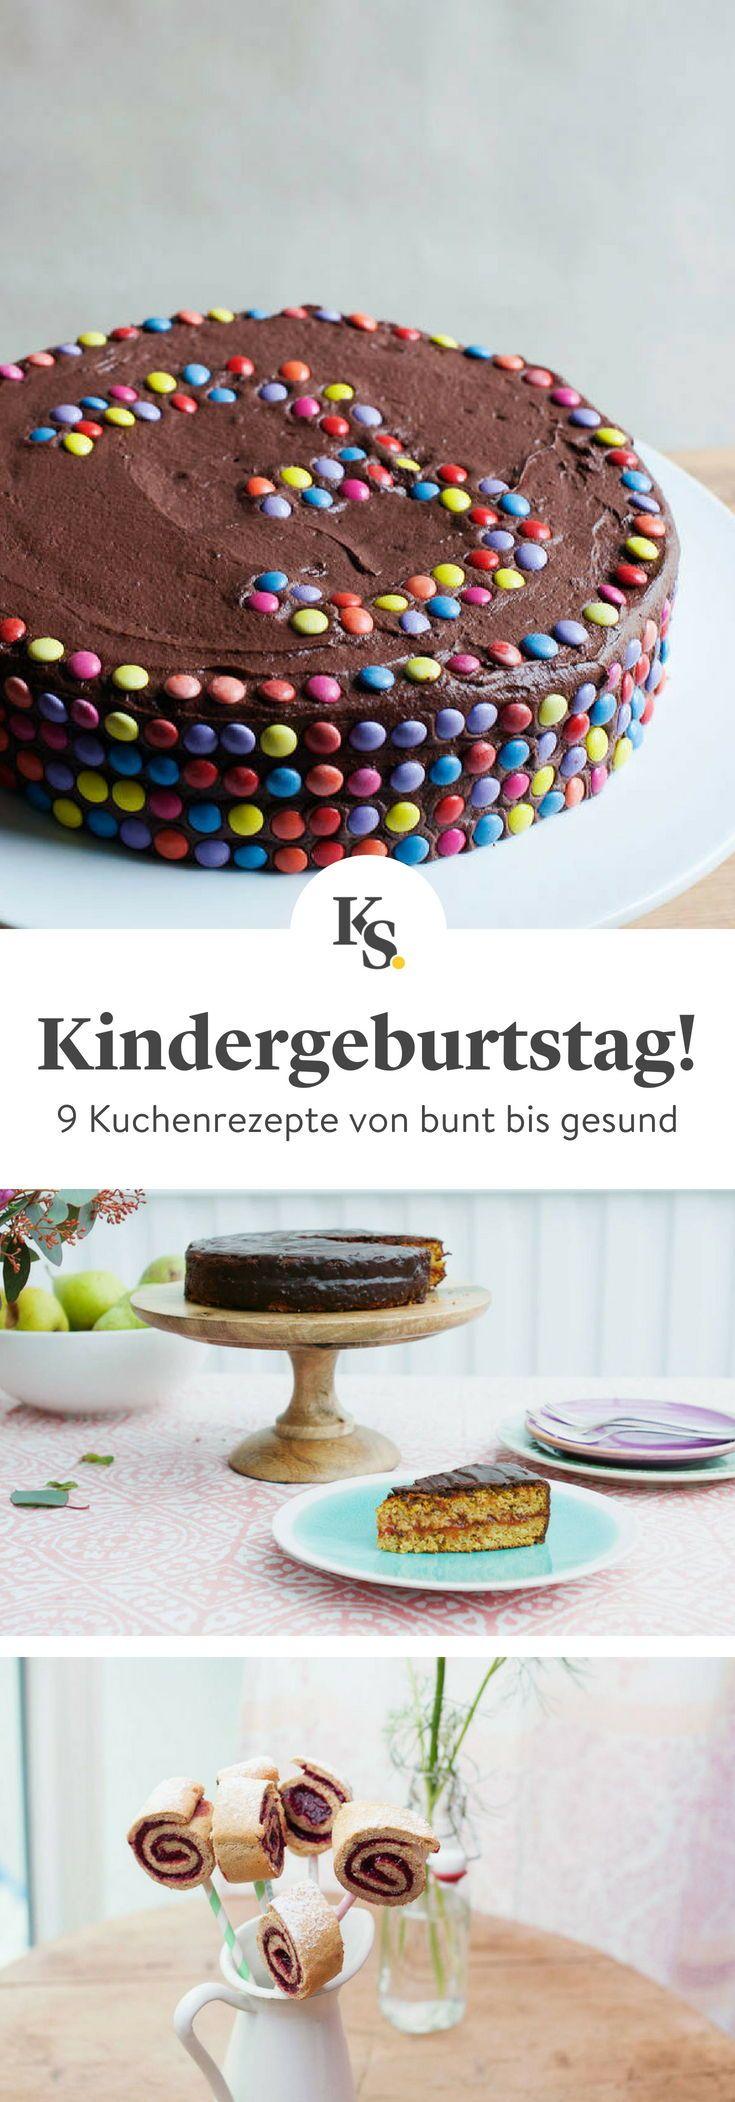 Diese #Kuchen # Rezepte schmecken nicht nur Kindern! Von #gesund bis besonders bu …   – Kuchen & Kekse